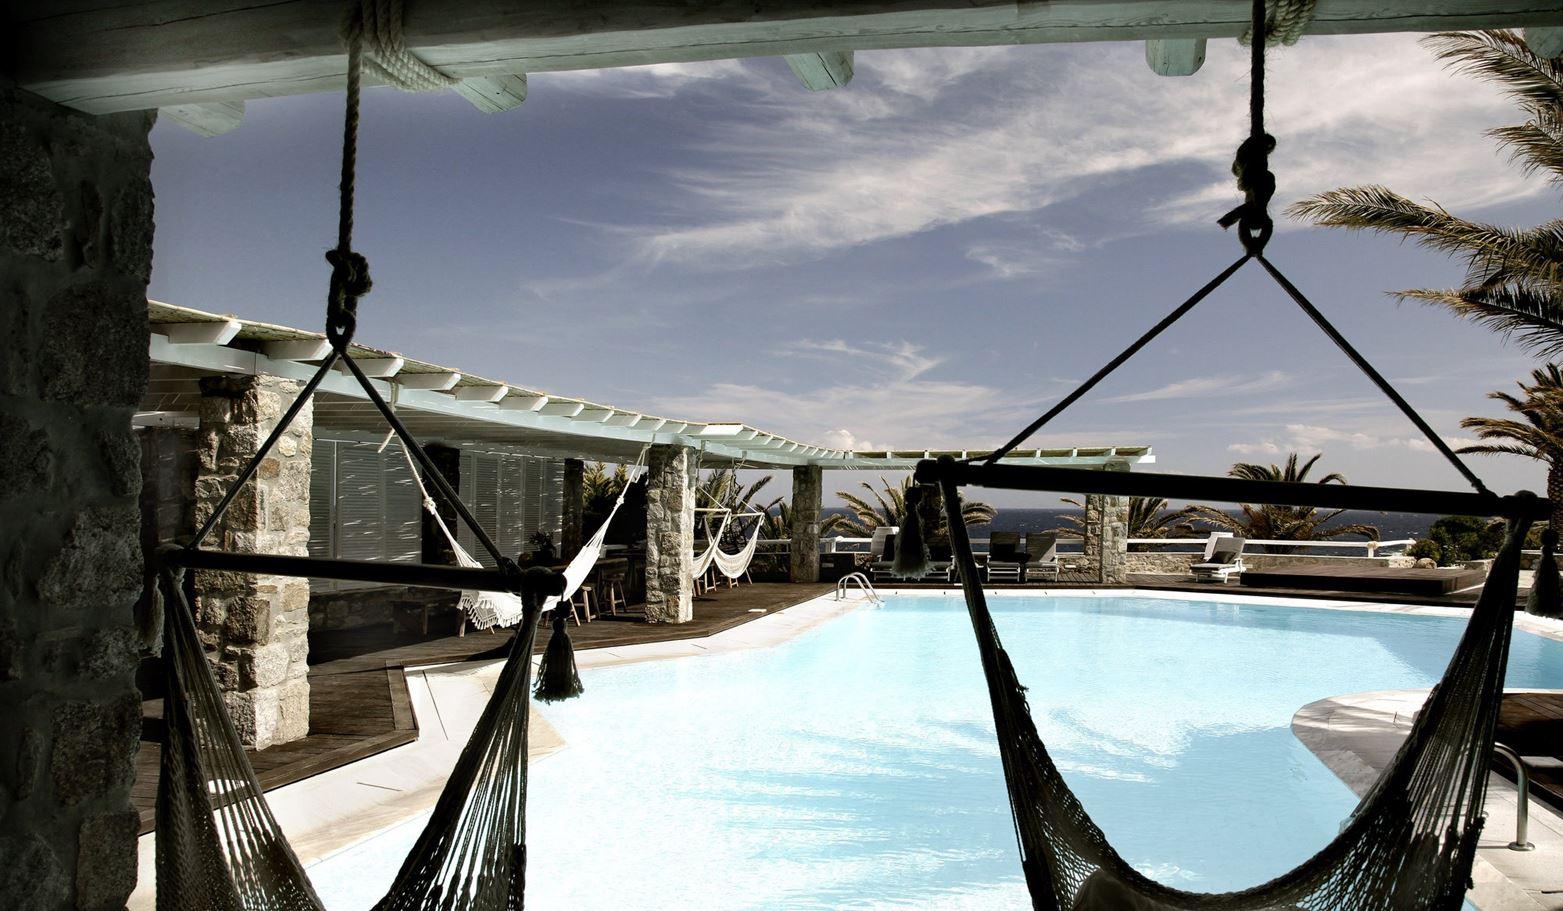 загородный отель в стиле современный прованс